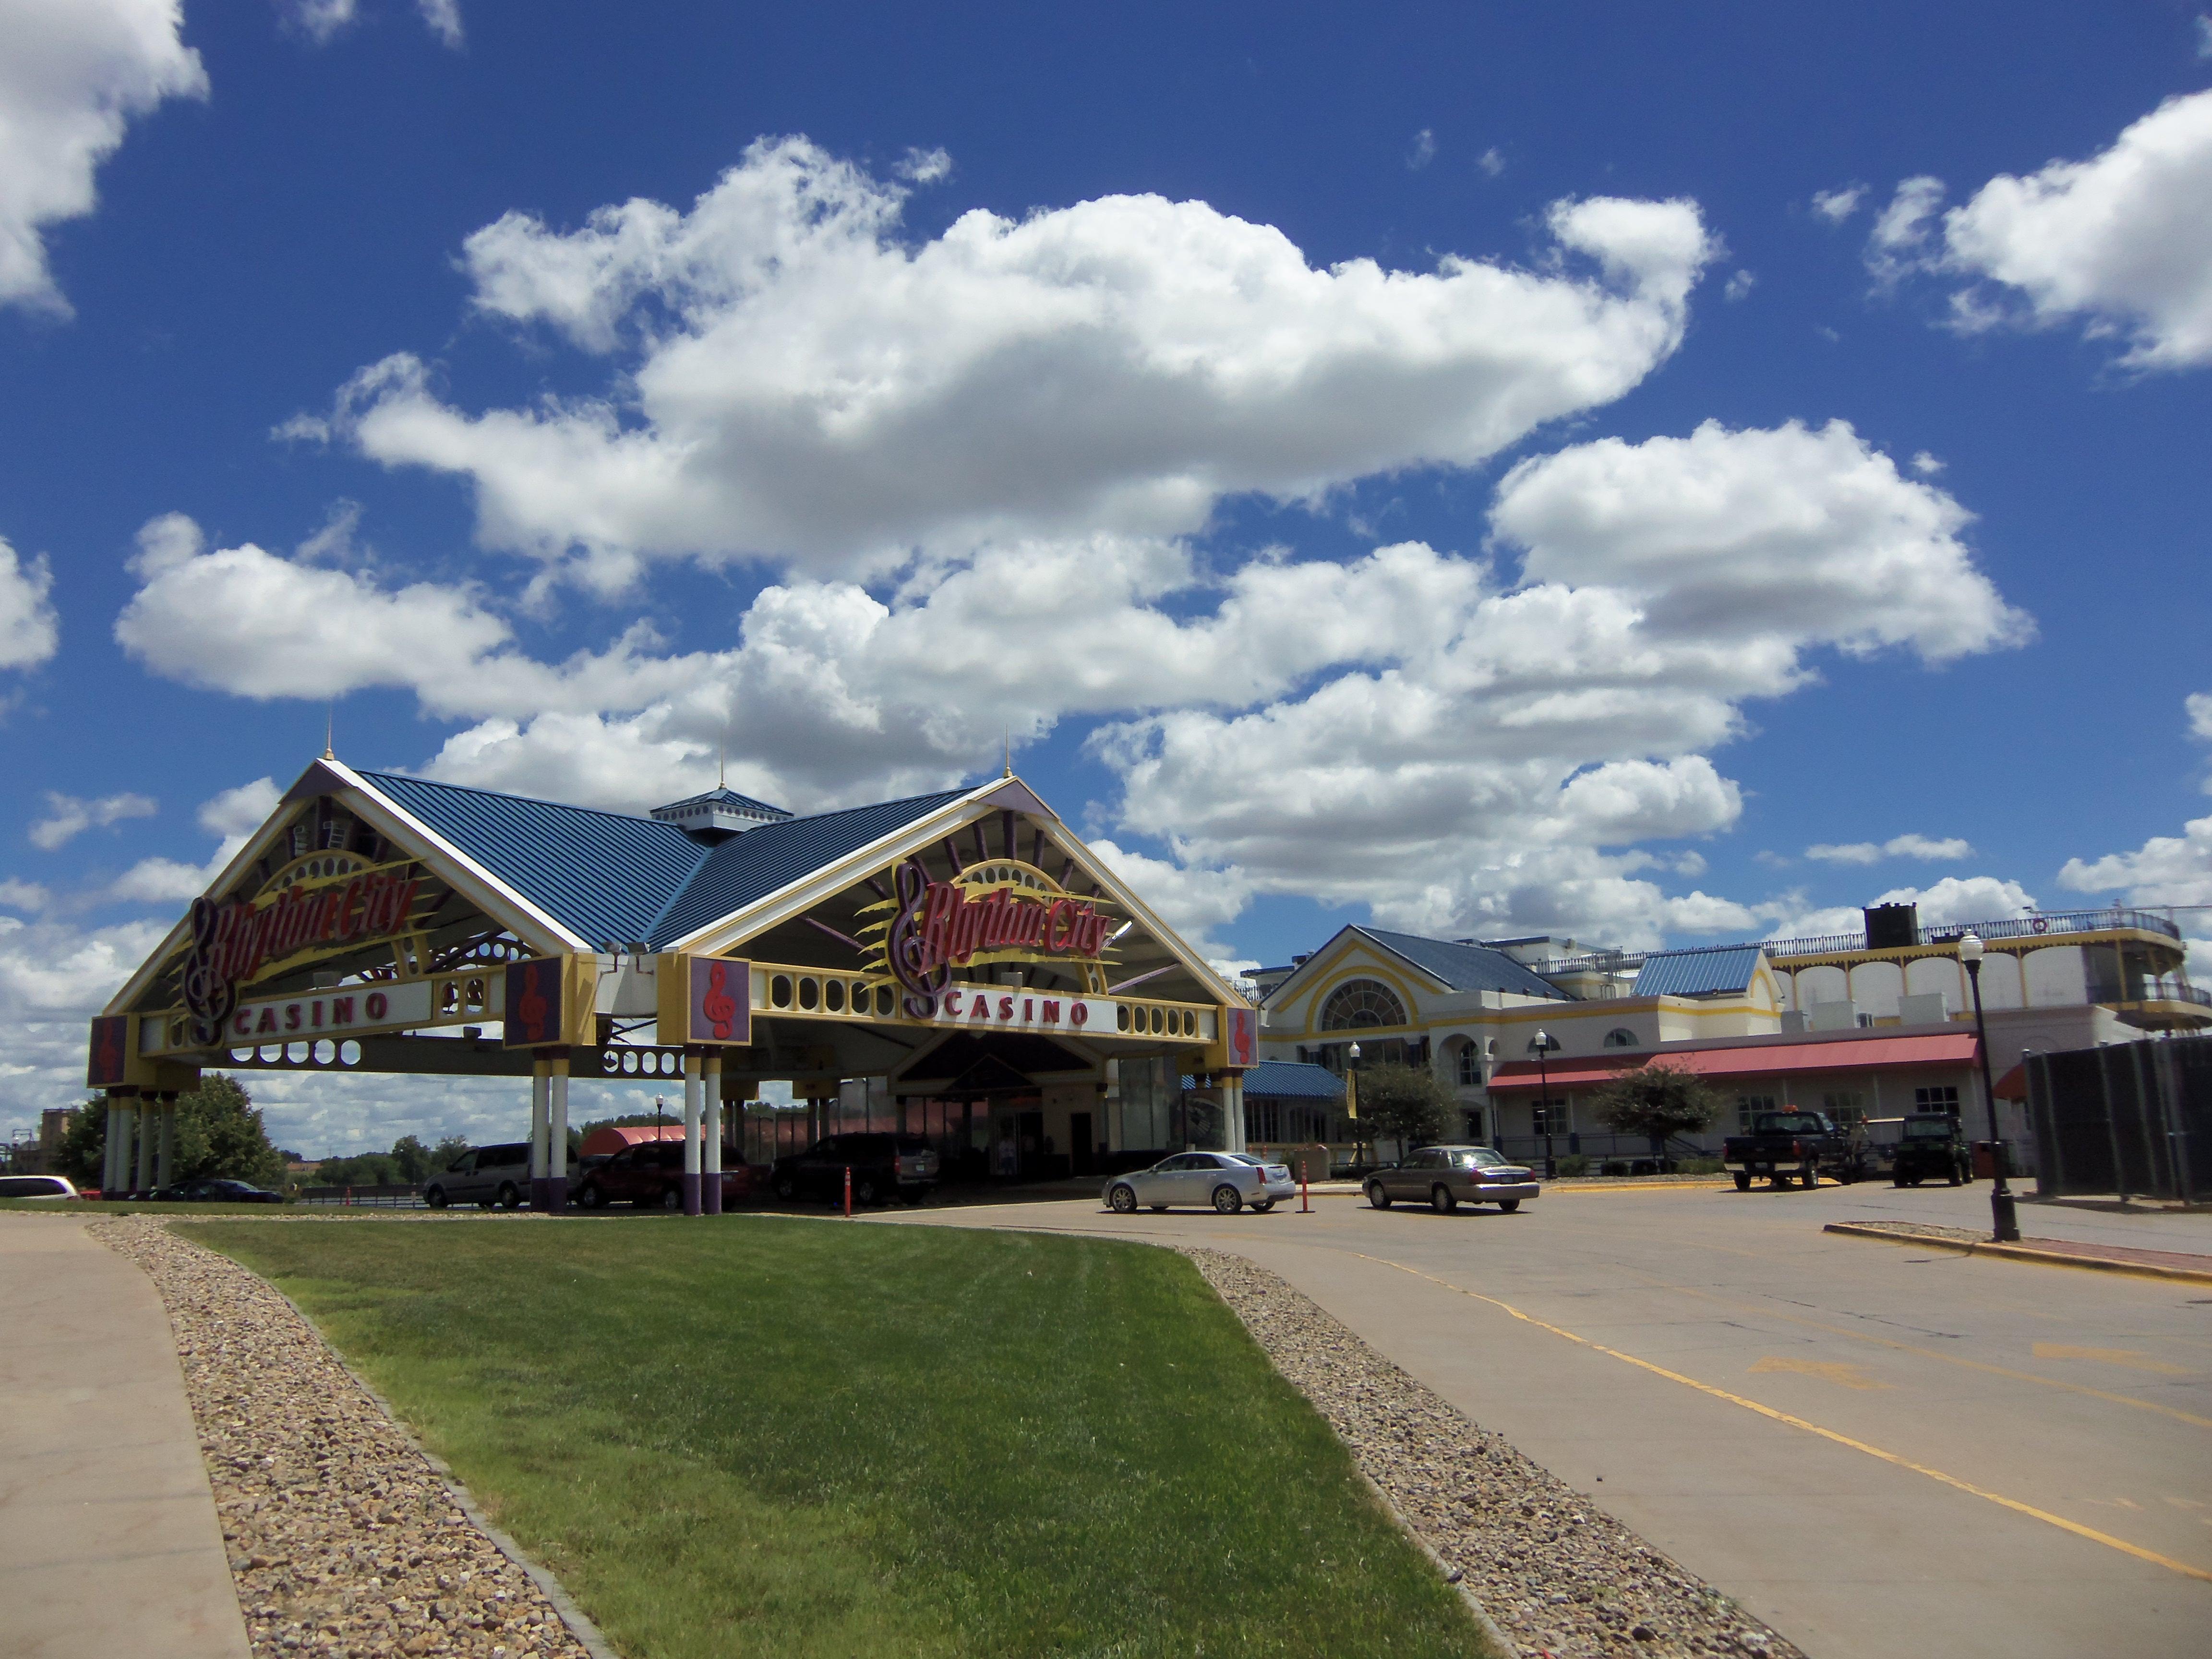 Davenport iowa and casino casino in yelm